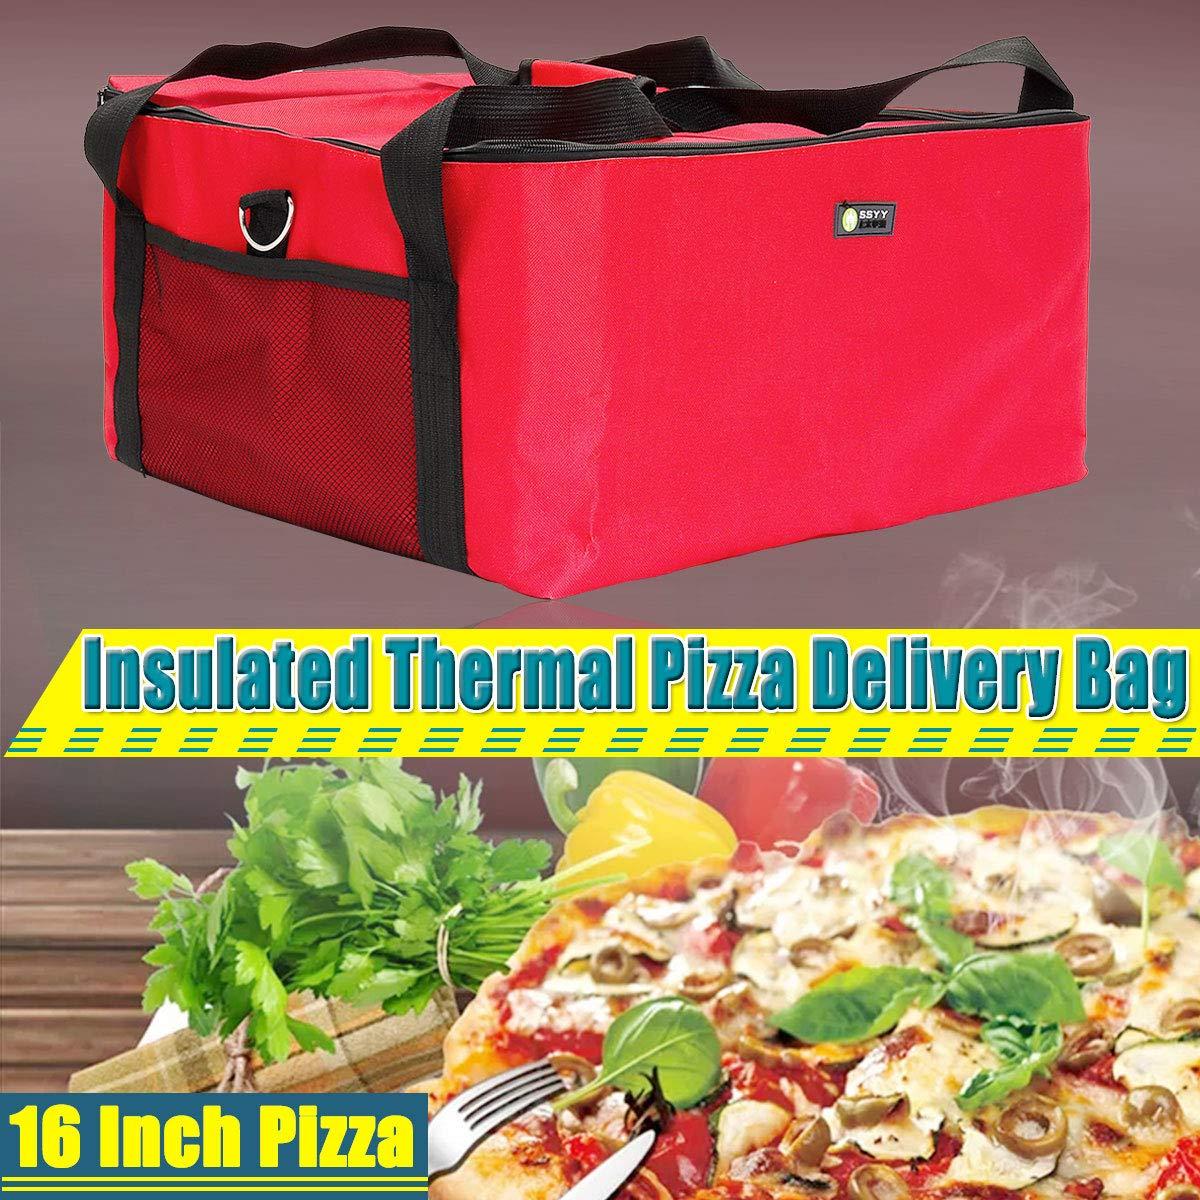 Janolia Bolsa de Pizza, Bolsa Térmica de Entrega de Pizza, 42 x 42 x 23 cm, Tenir la Pizza de 16 Pulgadas, Bolsa de Almuerzo, Bolsa de Picnic Hecho de ...